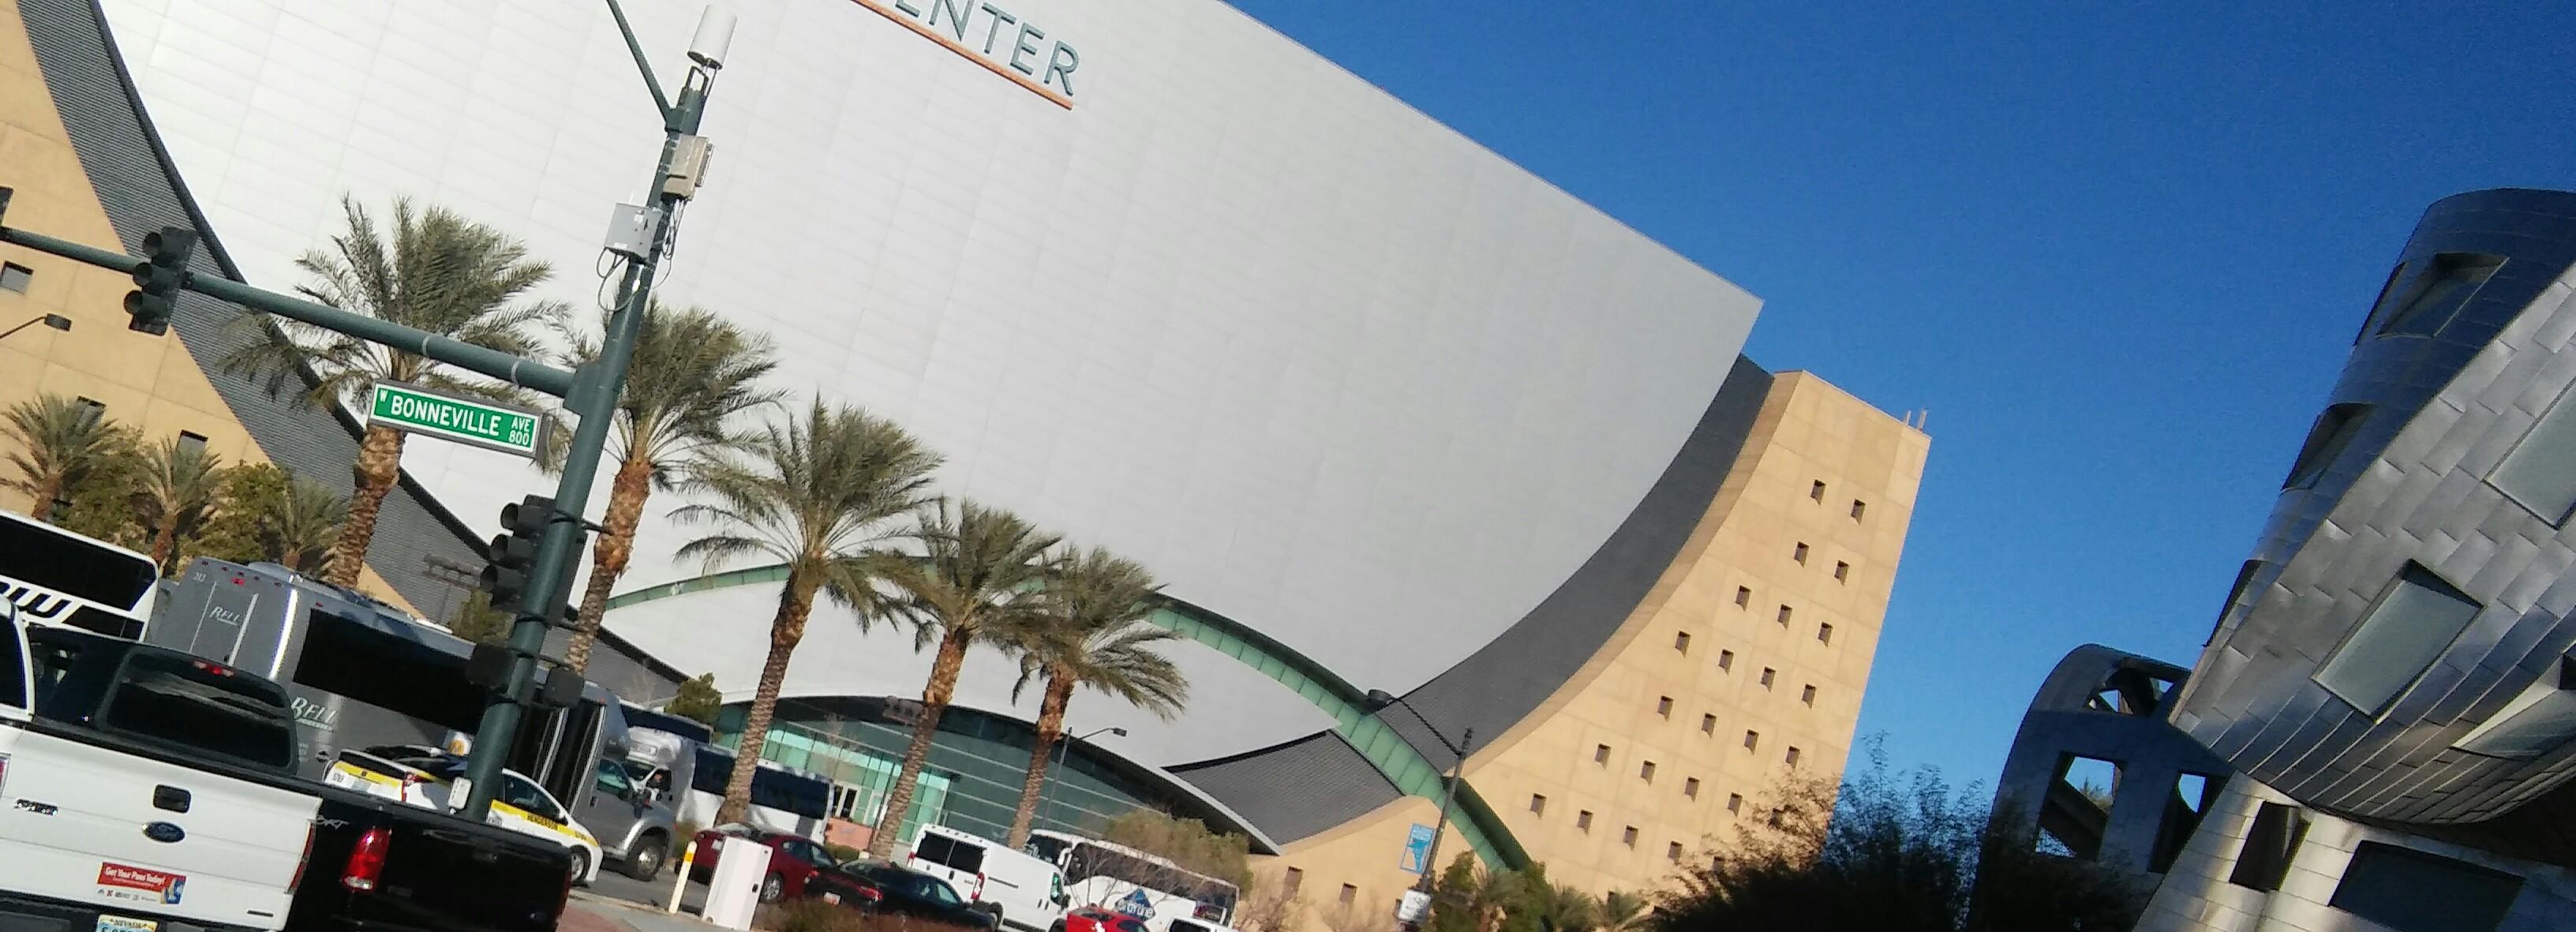 Las Vegas January